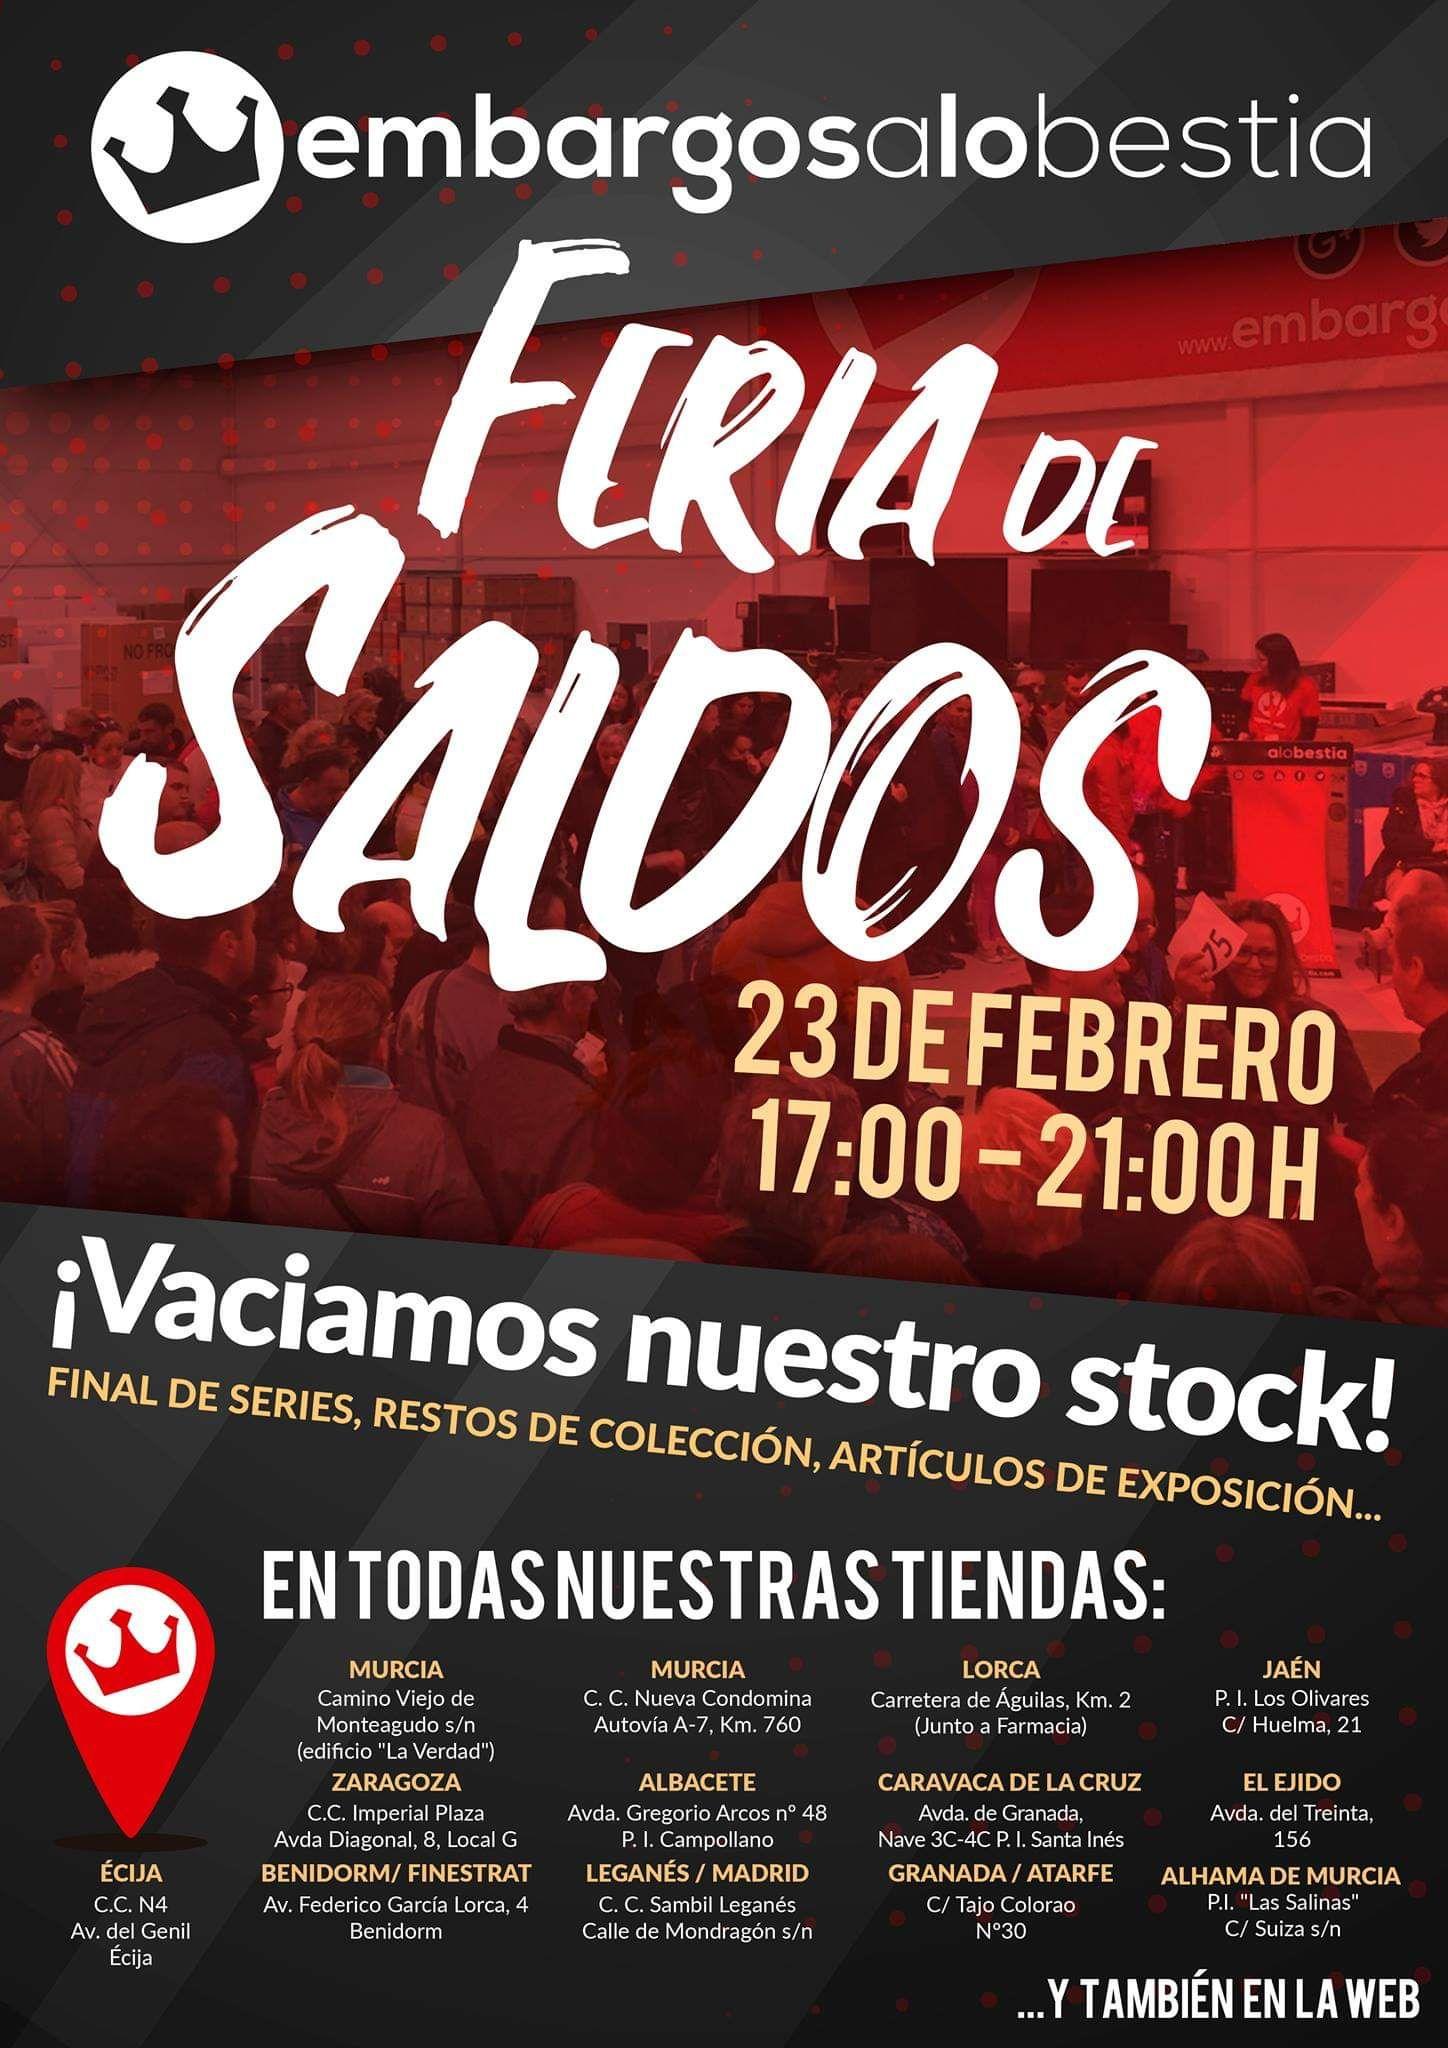 Feria de Chollos